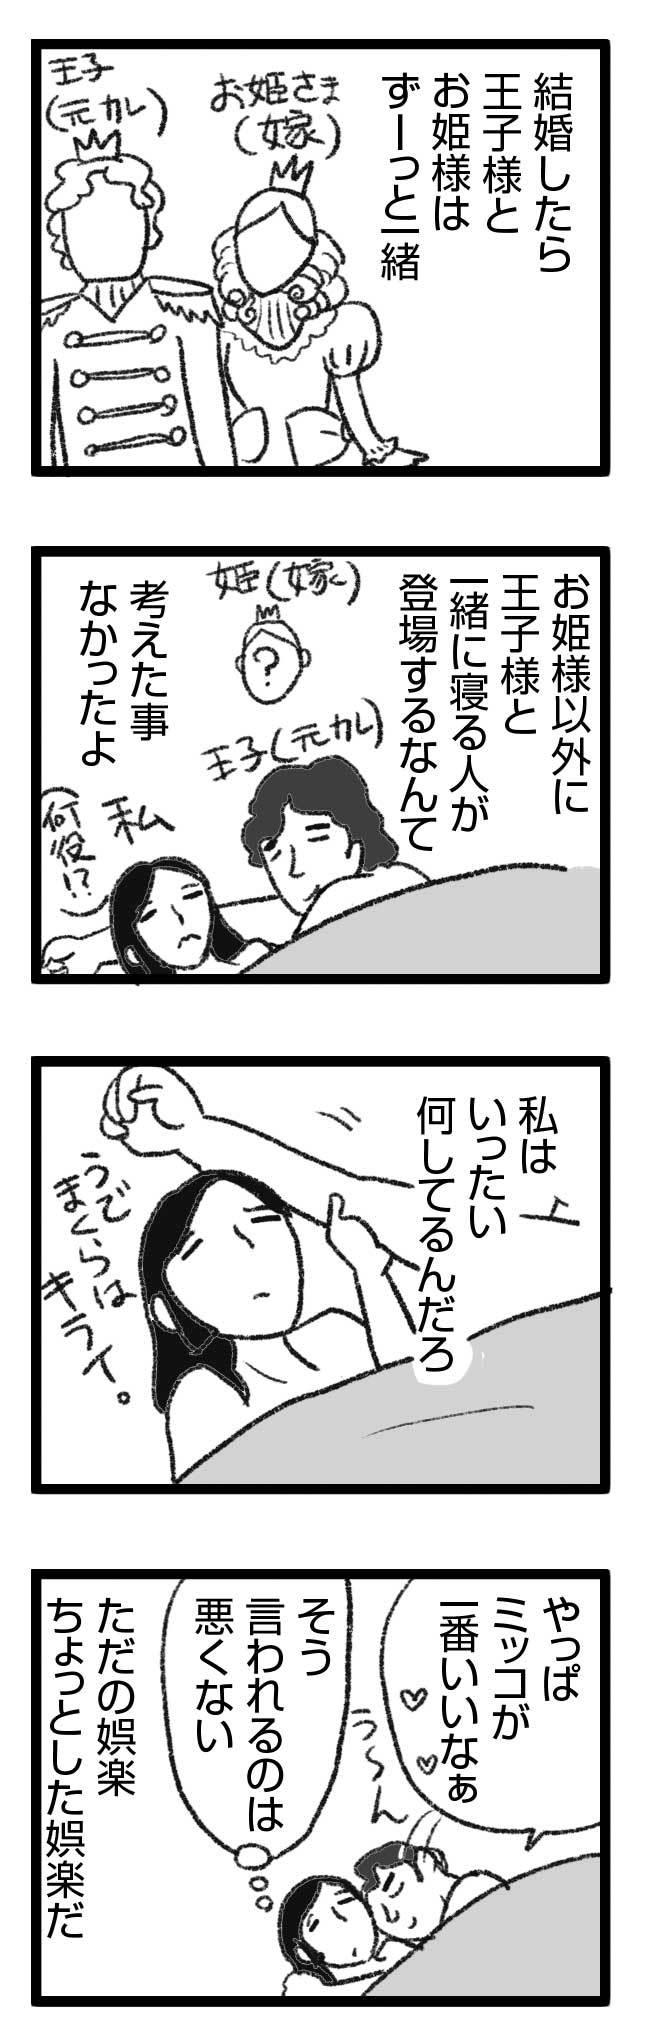 童話と現実2 結婚 婚活 漫画 マンガ まんが レス セックスレス プロポーズ